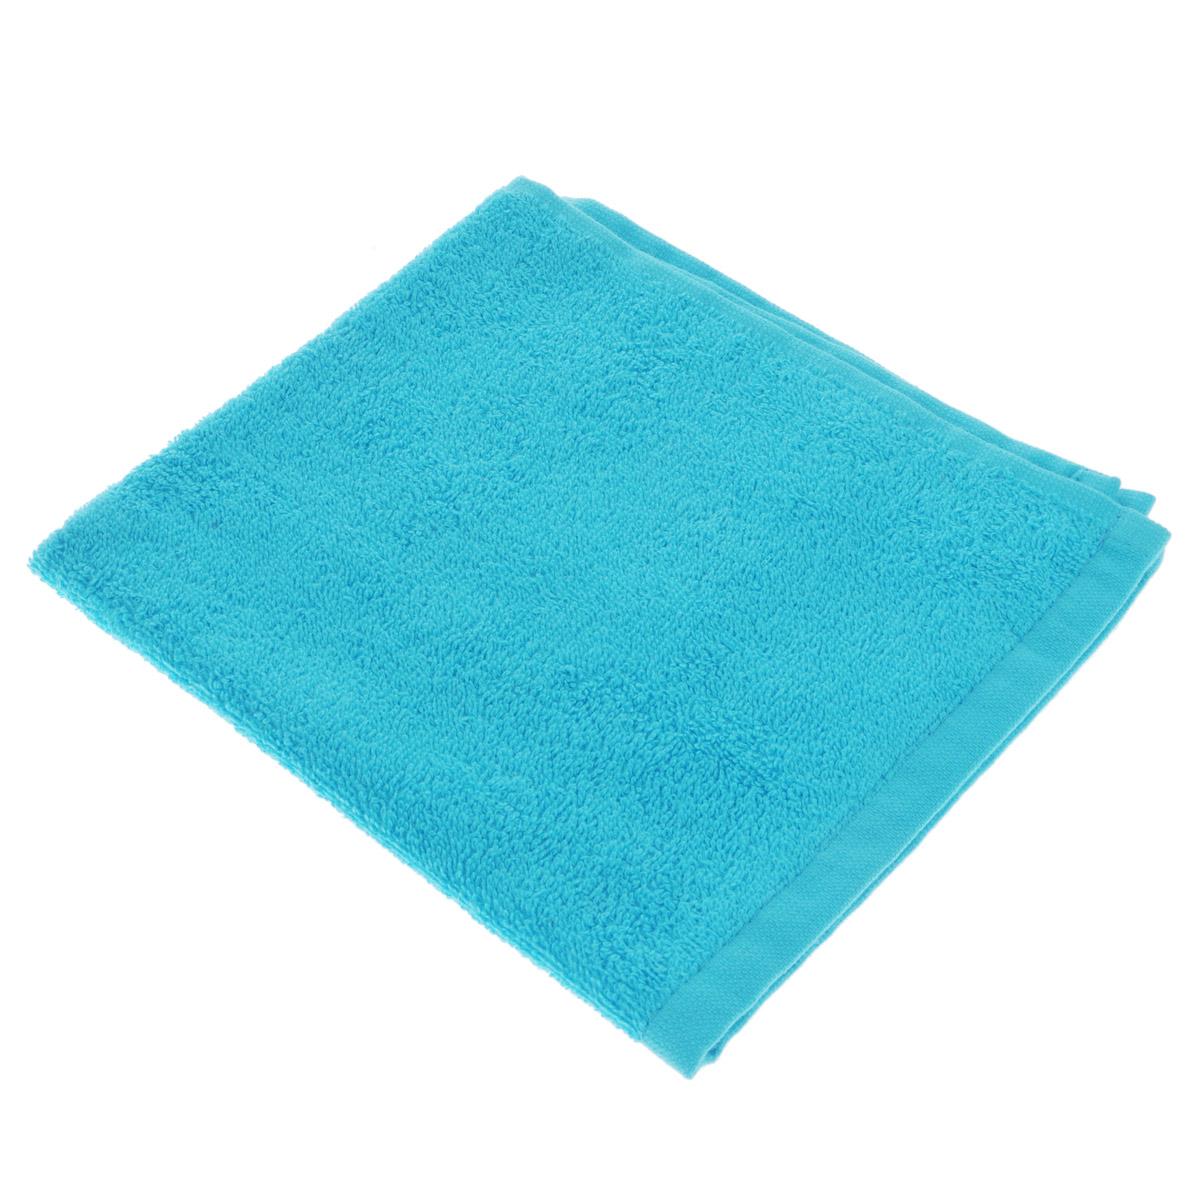 Полотенце махровое Osborn Textile, цвет: бирюзовый, 40 см х 40 смУзТ-МПБ-005-08-07В состав полотенца Osborn Textile входит только натуральное волокно - хлопок. Такое полотенце будет незаменимо в вашем быту. Оно создаст прекрасное настроение не только в ванной комнате, но и в кухне. Изделие прекрасно впитывает влагу и быстро сохнет. При соблюдении рекомендаций по уходу не линяет и не теряет форму даже после многократных стирок. Плотность: 400 г/м2.